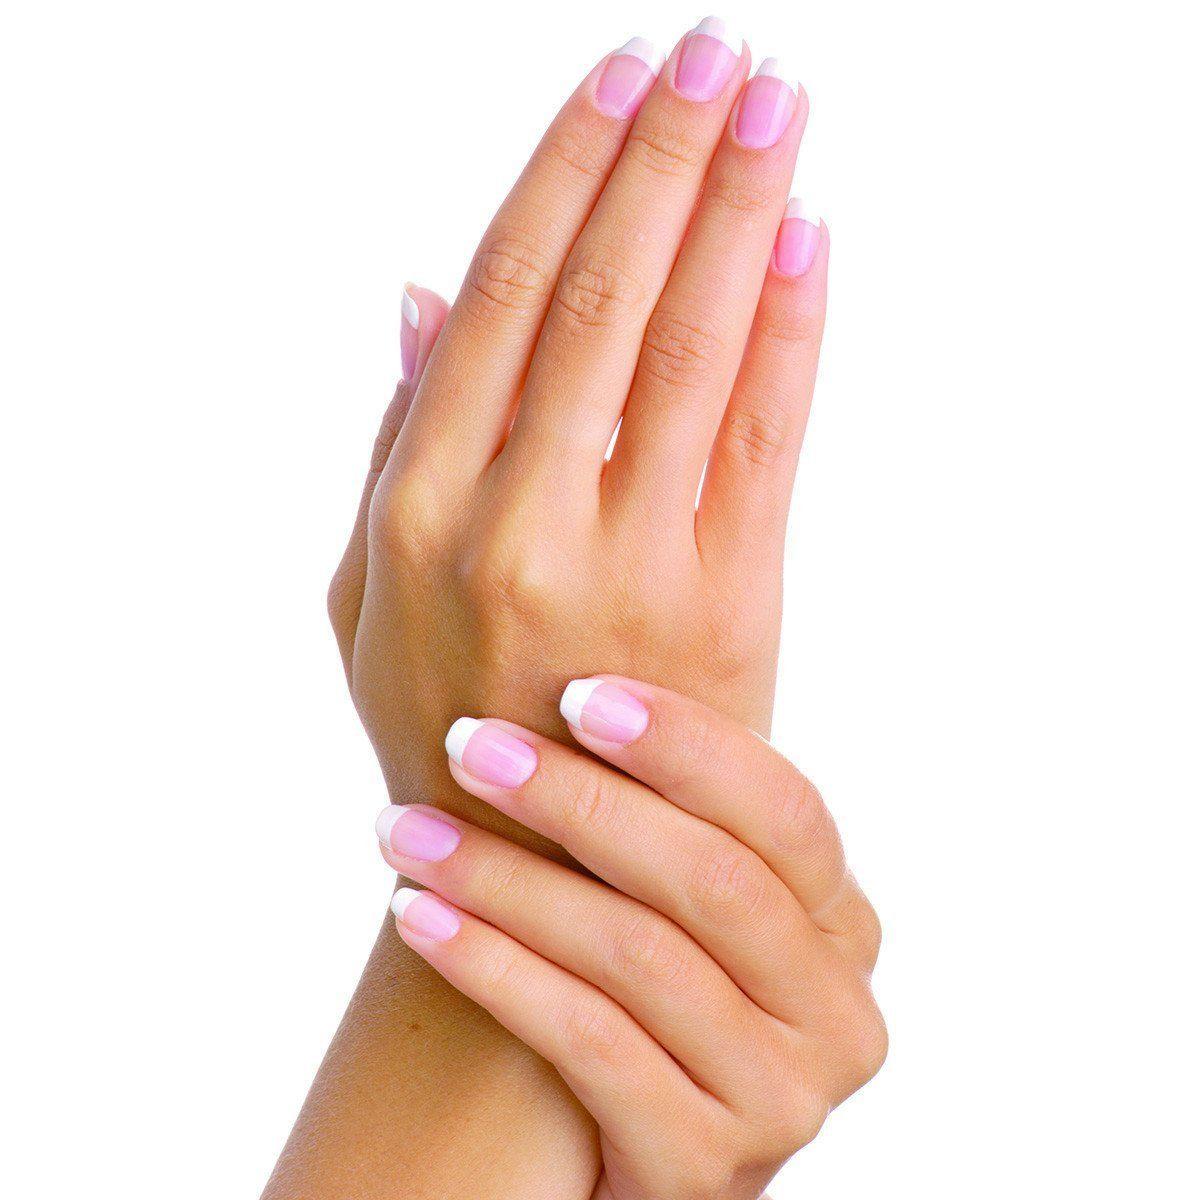 manicure-rt_7-care